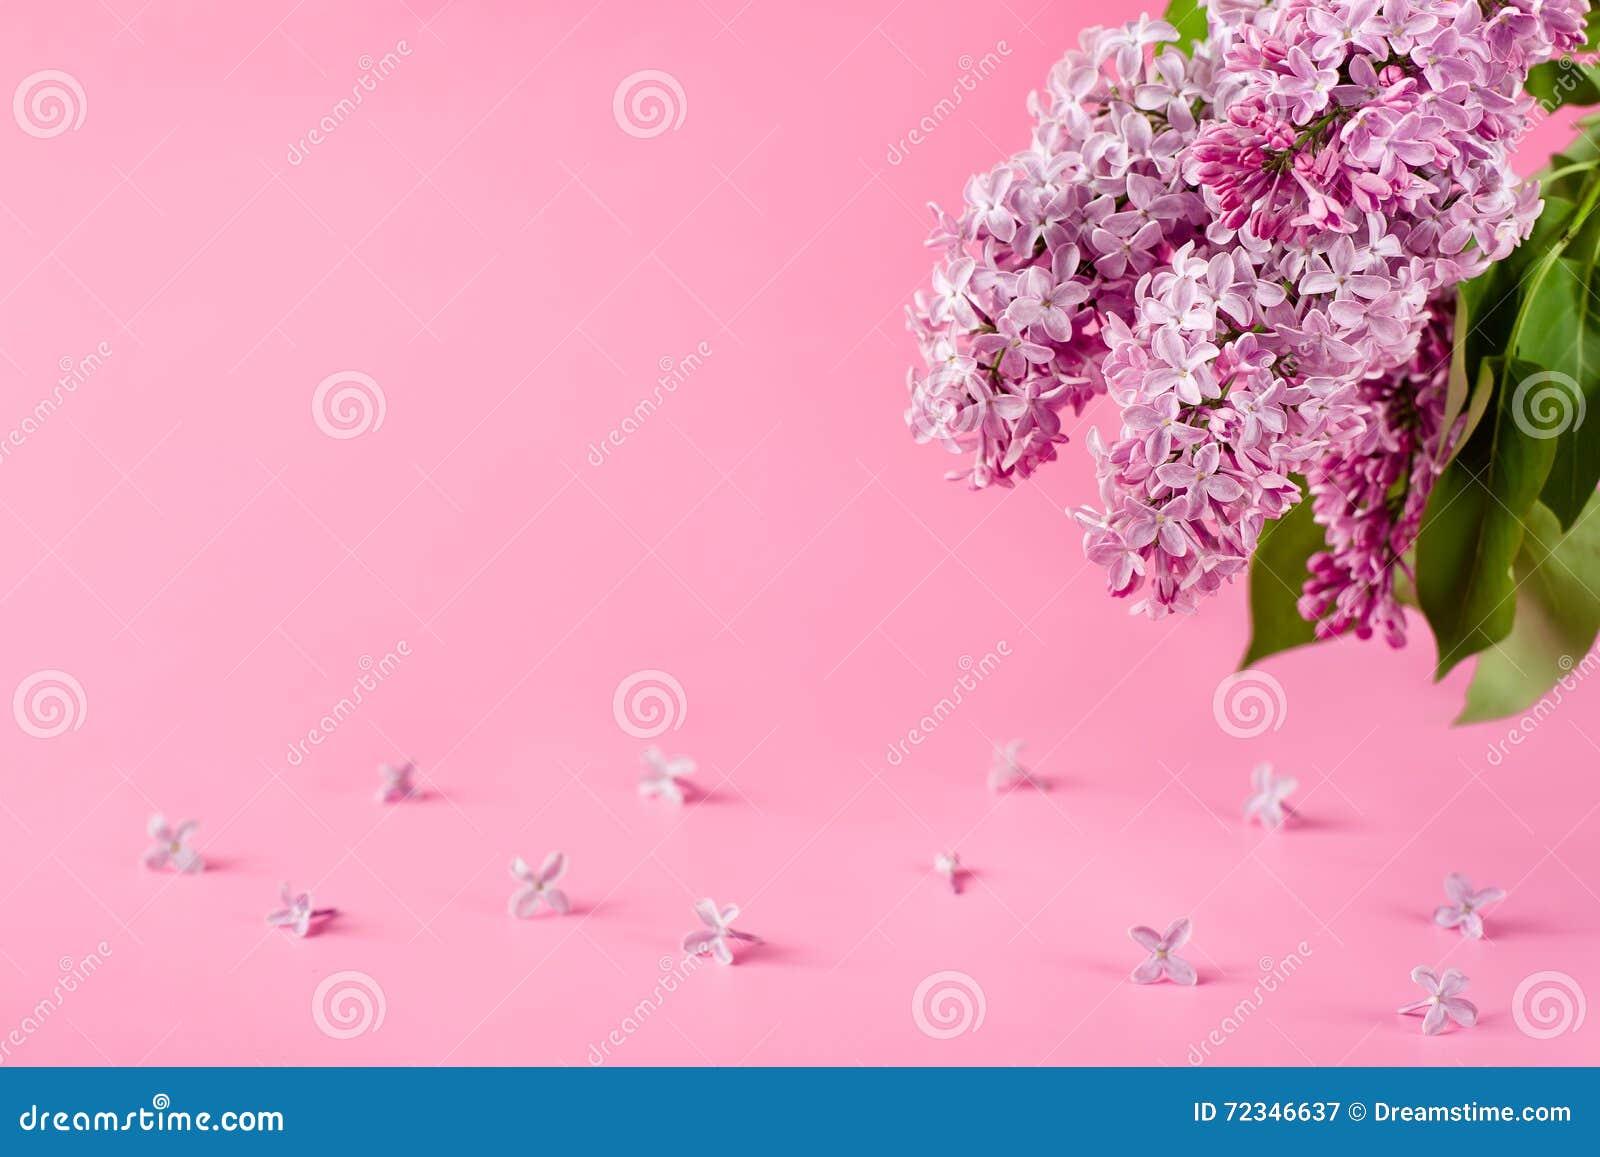 Felicitaciones De Cumpleaños Con Flores: Fondo Rosado Con Las Flores De La Lila Tarjeta De